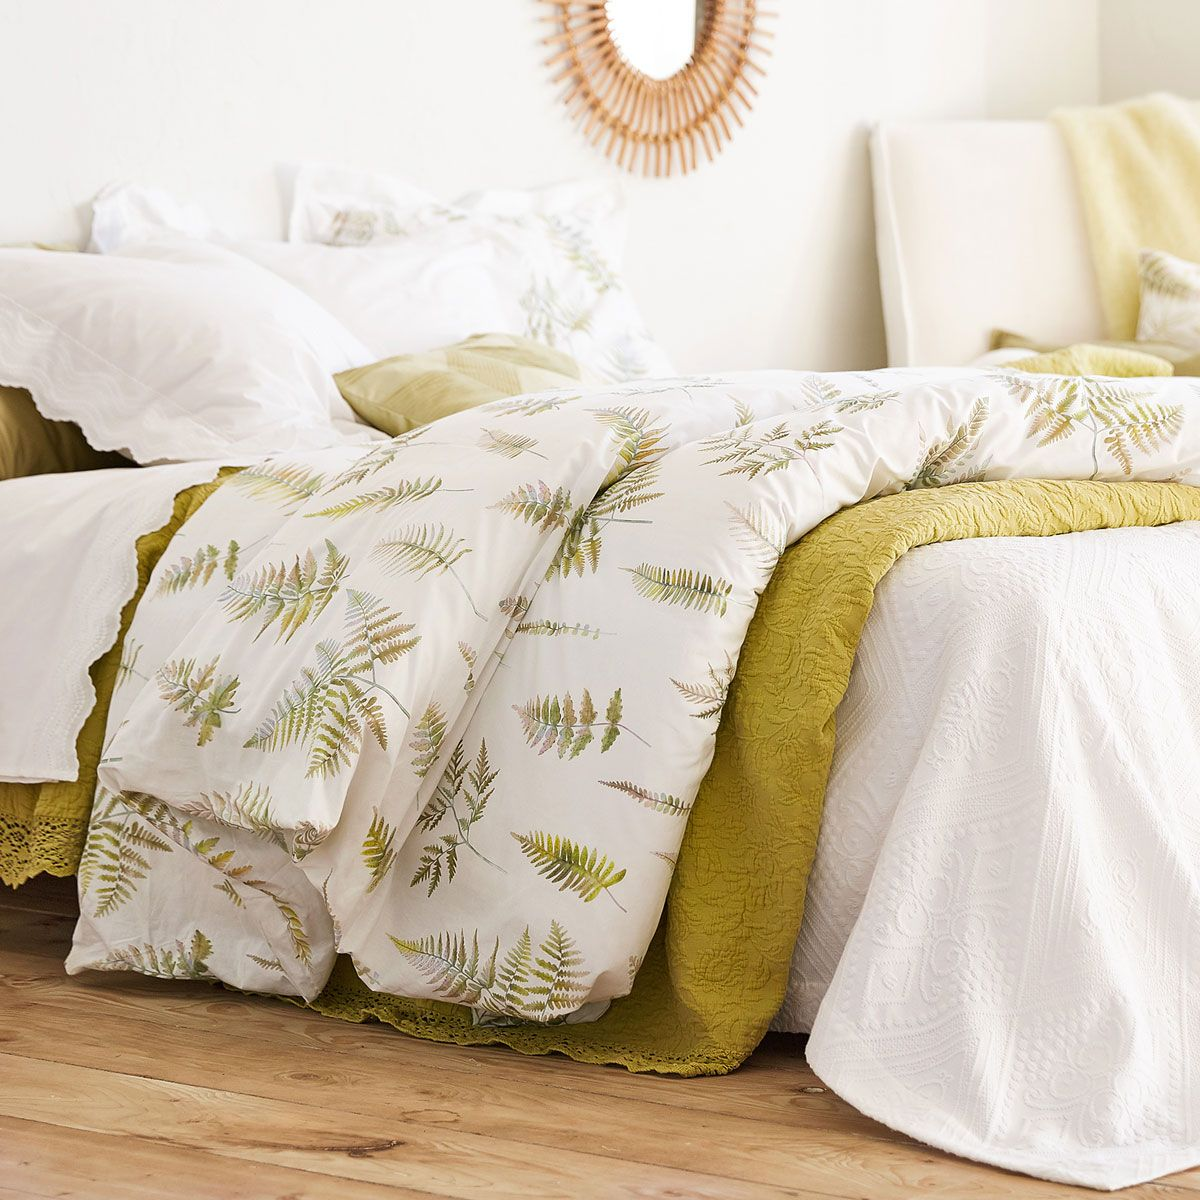 Copripiumino Zara Home.Immagine 5 Del Prodotto Copripiumino Stampa Felci Duvet Covers